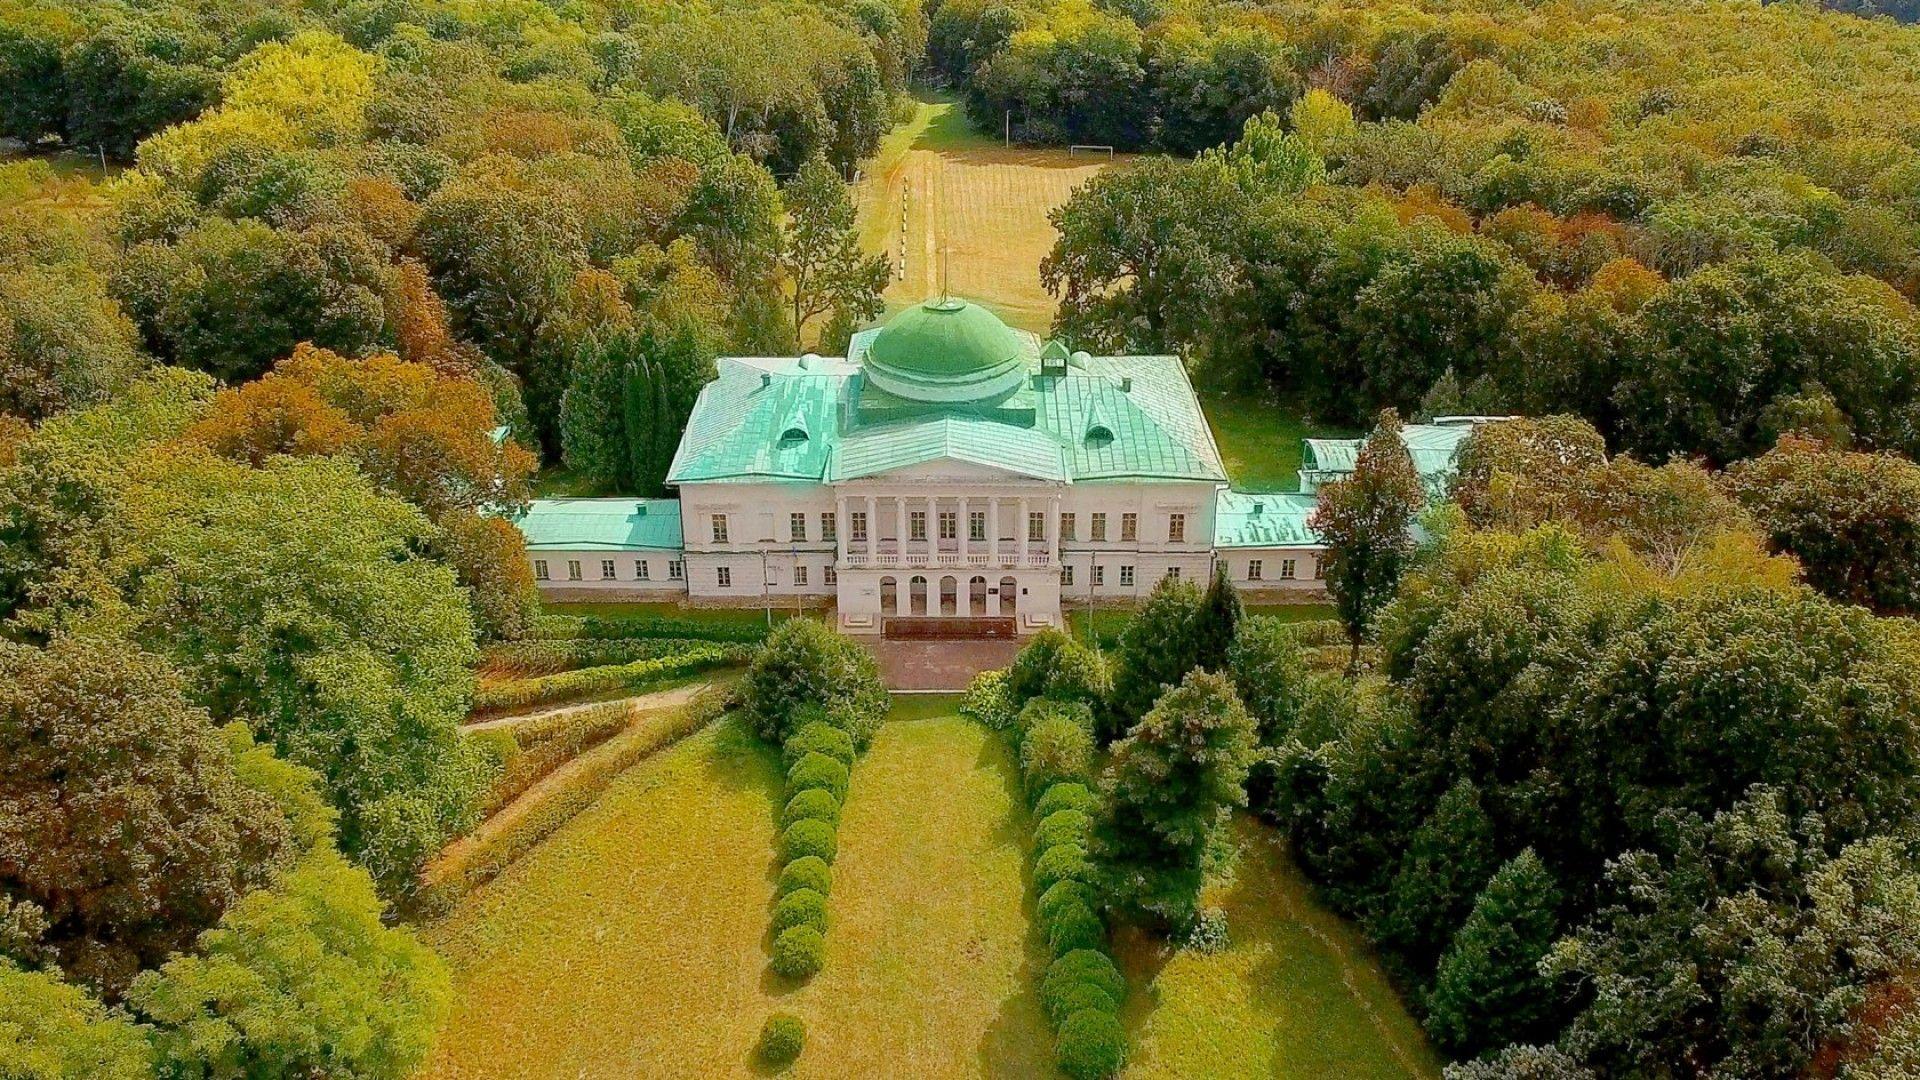 Сокиринський архітектурно-парковий комплекс